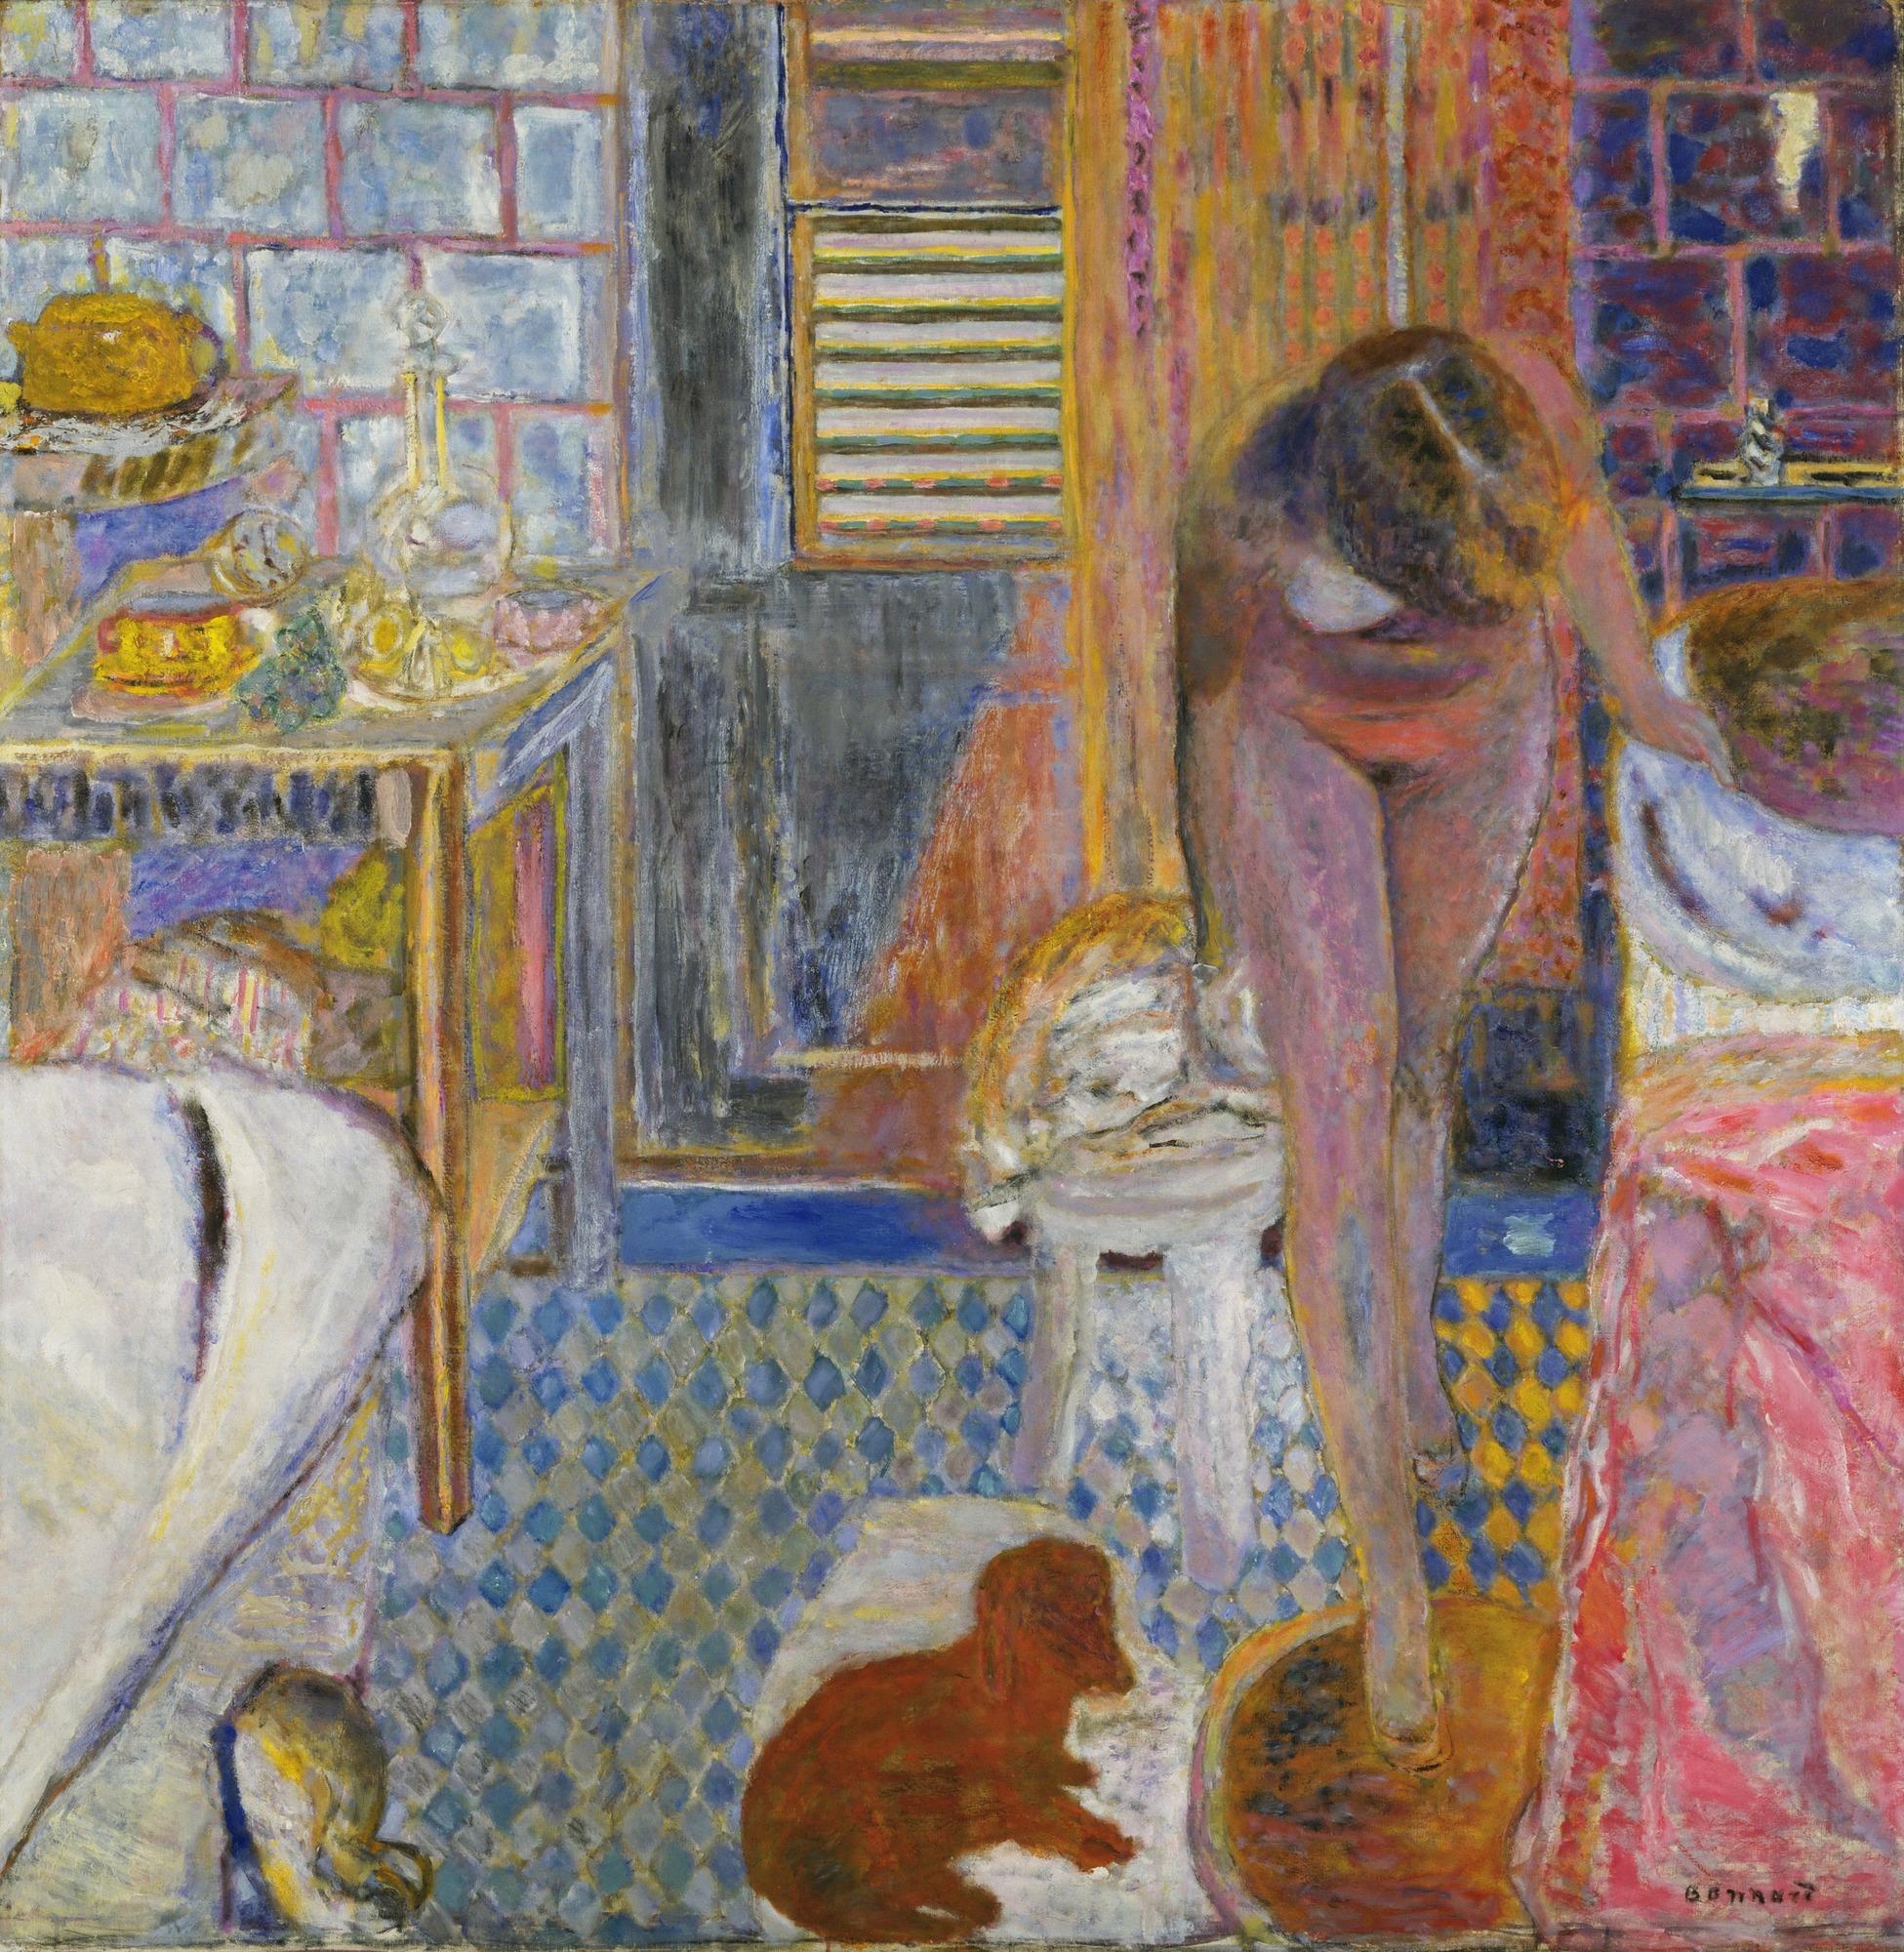 * une toile sur la toile * - Page 15 Pierre_Bonnard%2C_1932_-_The_Bathroom